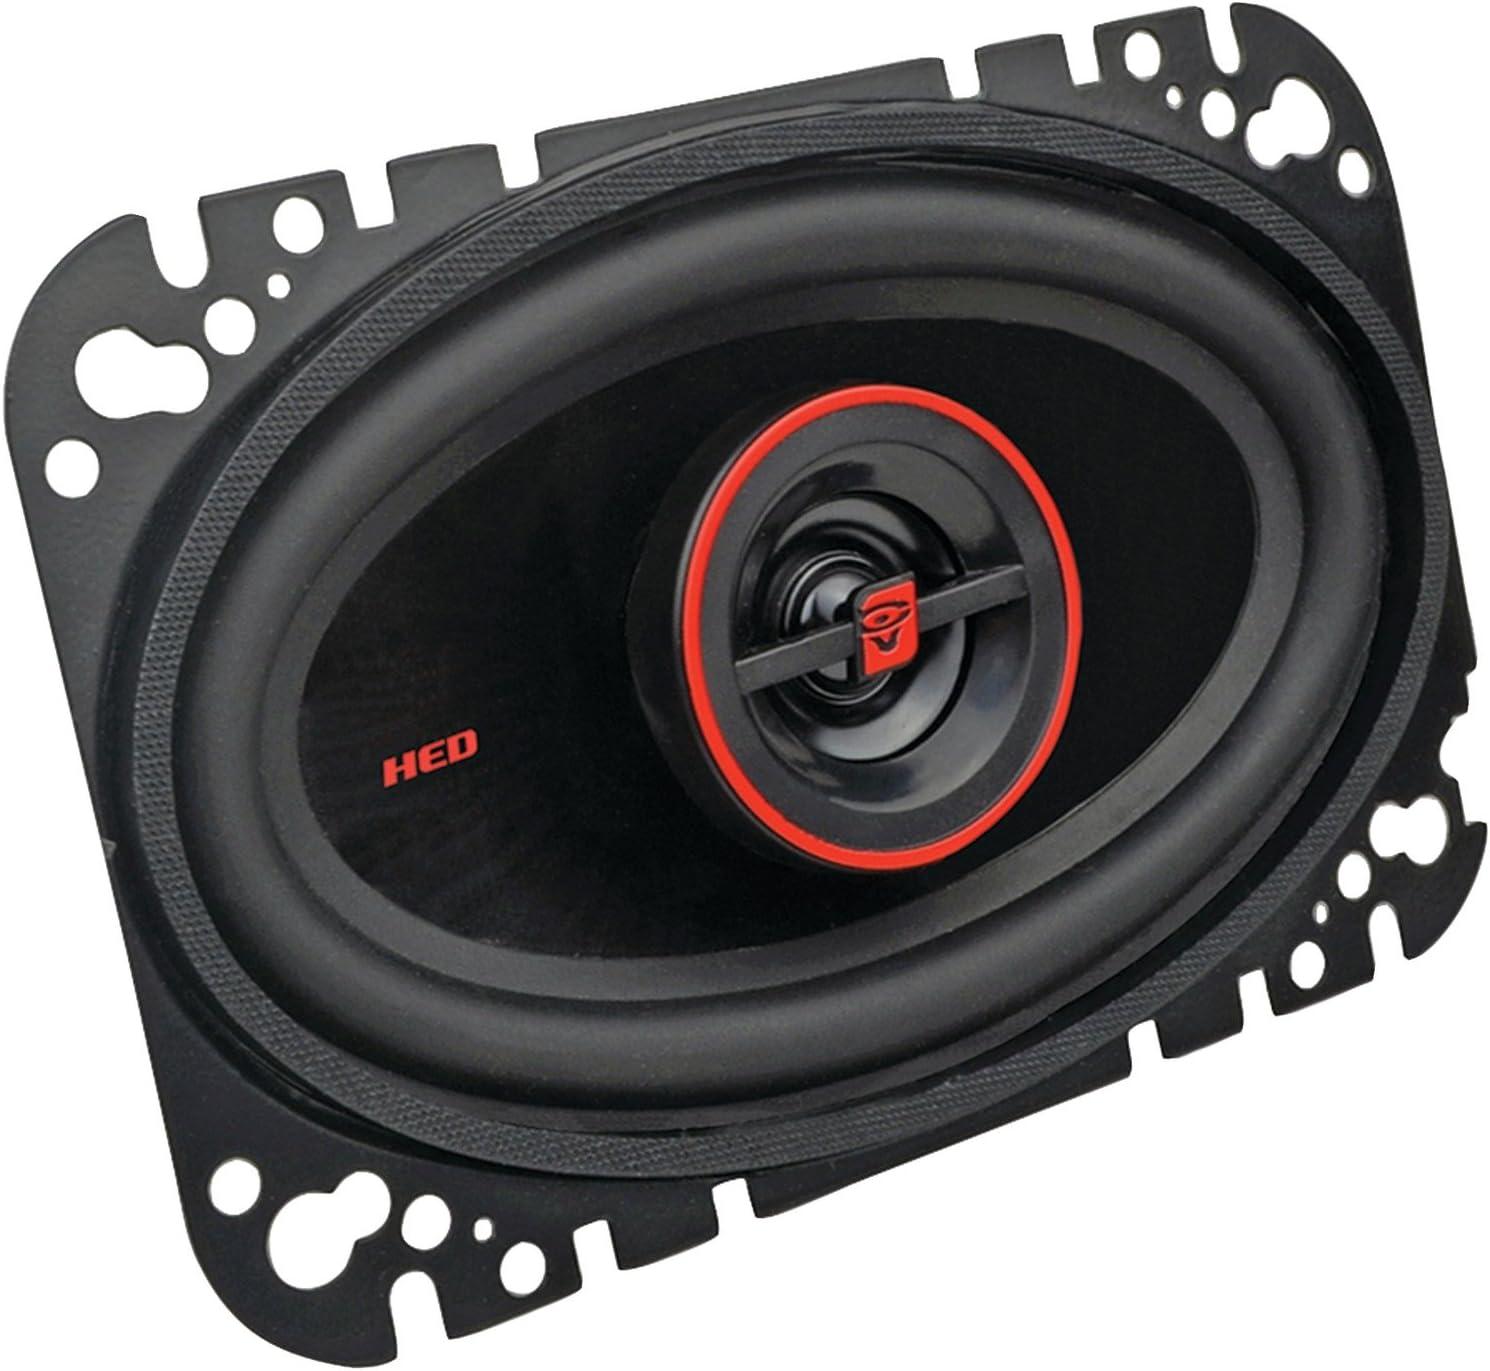 Cerwin-Vega 2-Way Coaxial Speakers